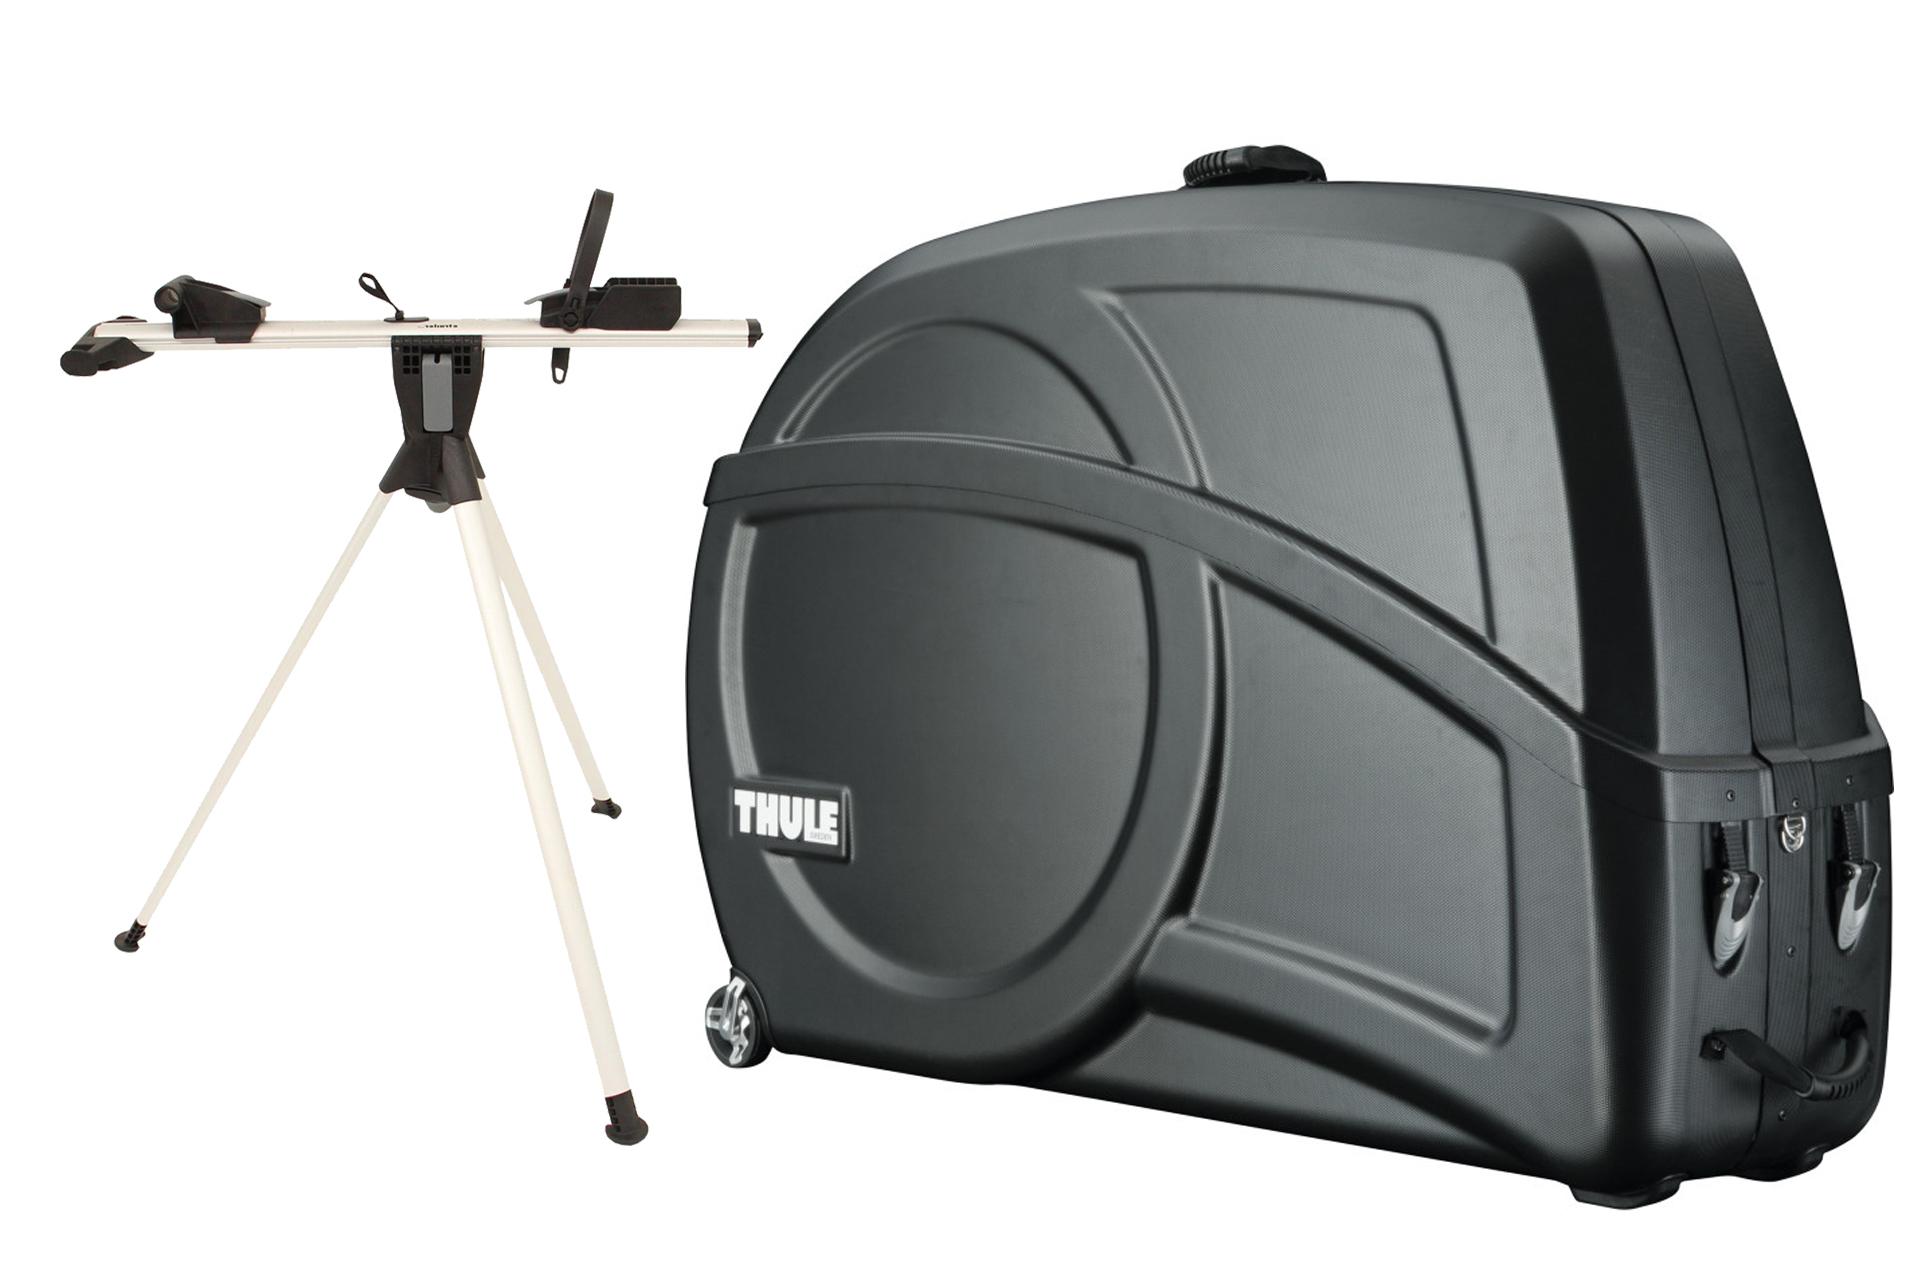 Mit dem THULE RoundTrip Transition Radkoffer mit integriertem Montageständer wird die Reise mit dem eigenen Rennrad oder Mountainbike in das Trainingslager mit Sicherheit zum Kinderspiel.